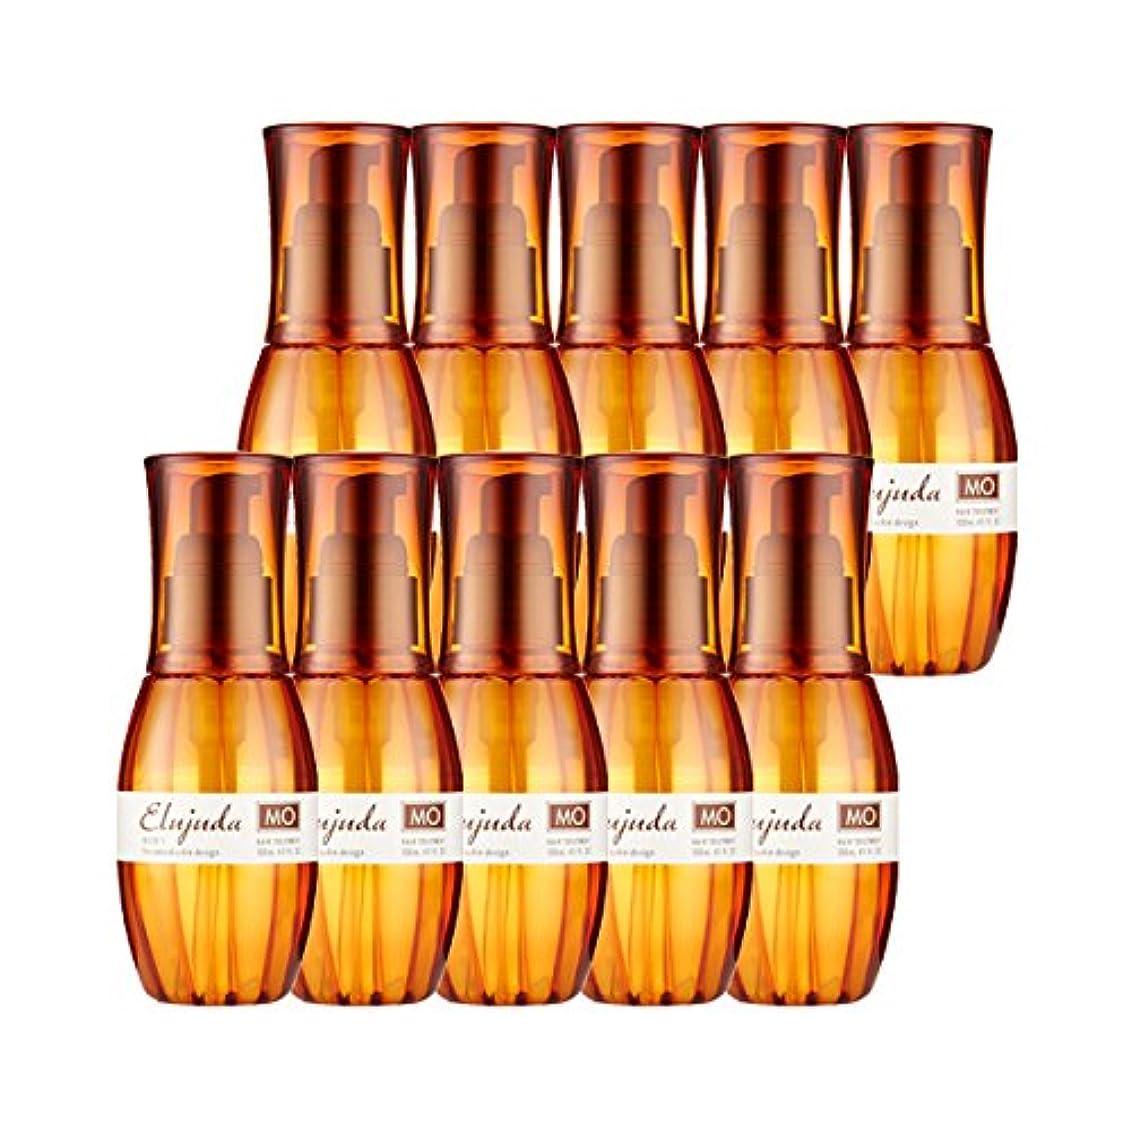 ベールサイクル減衰ミルボン ディーセス エルジューダ MO 120mL 10本セット